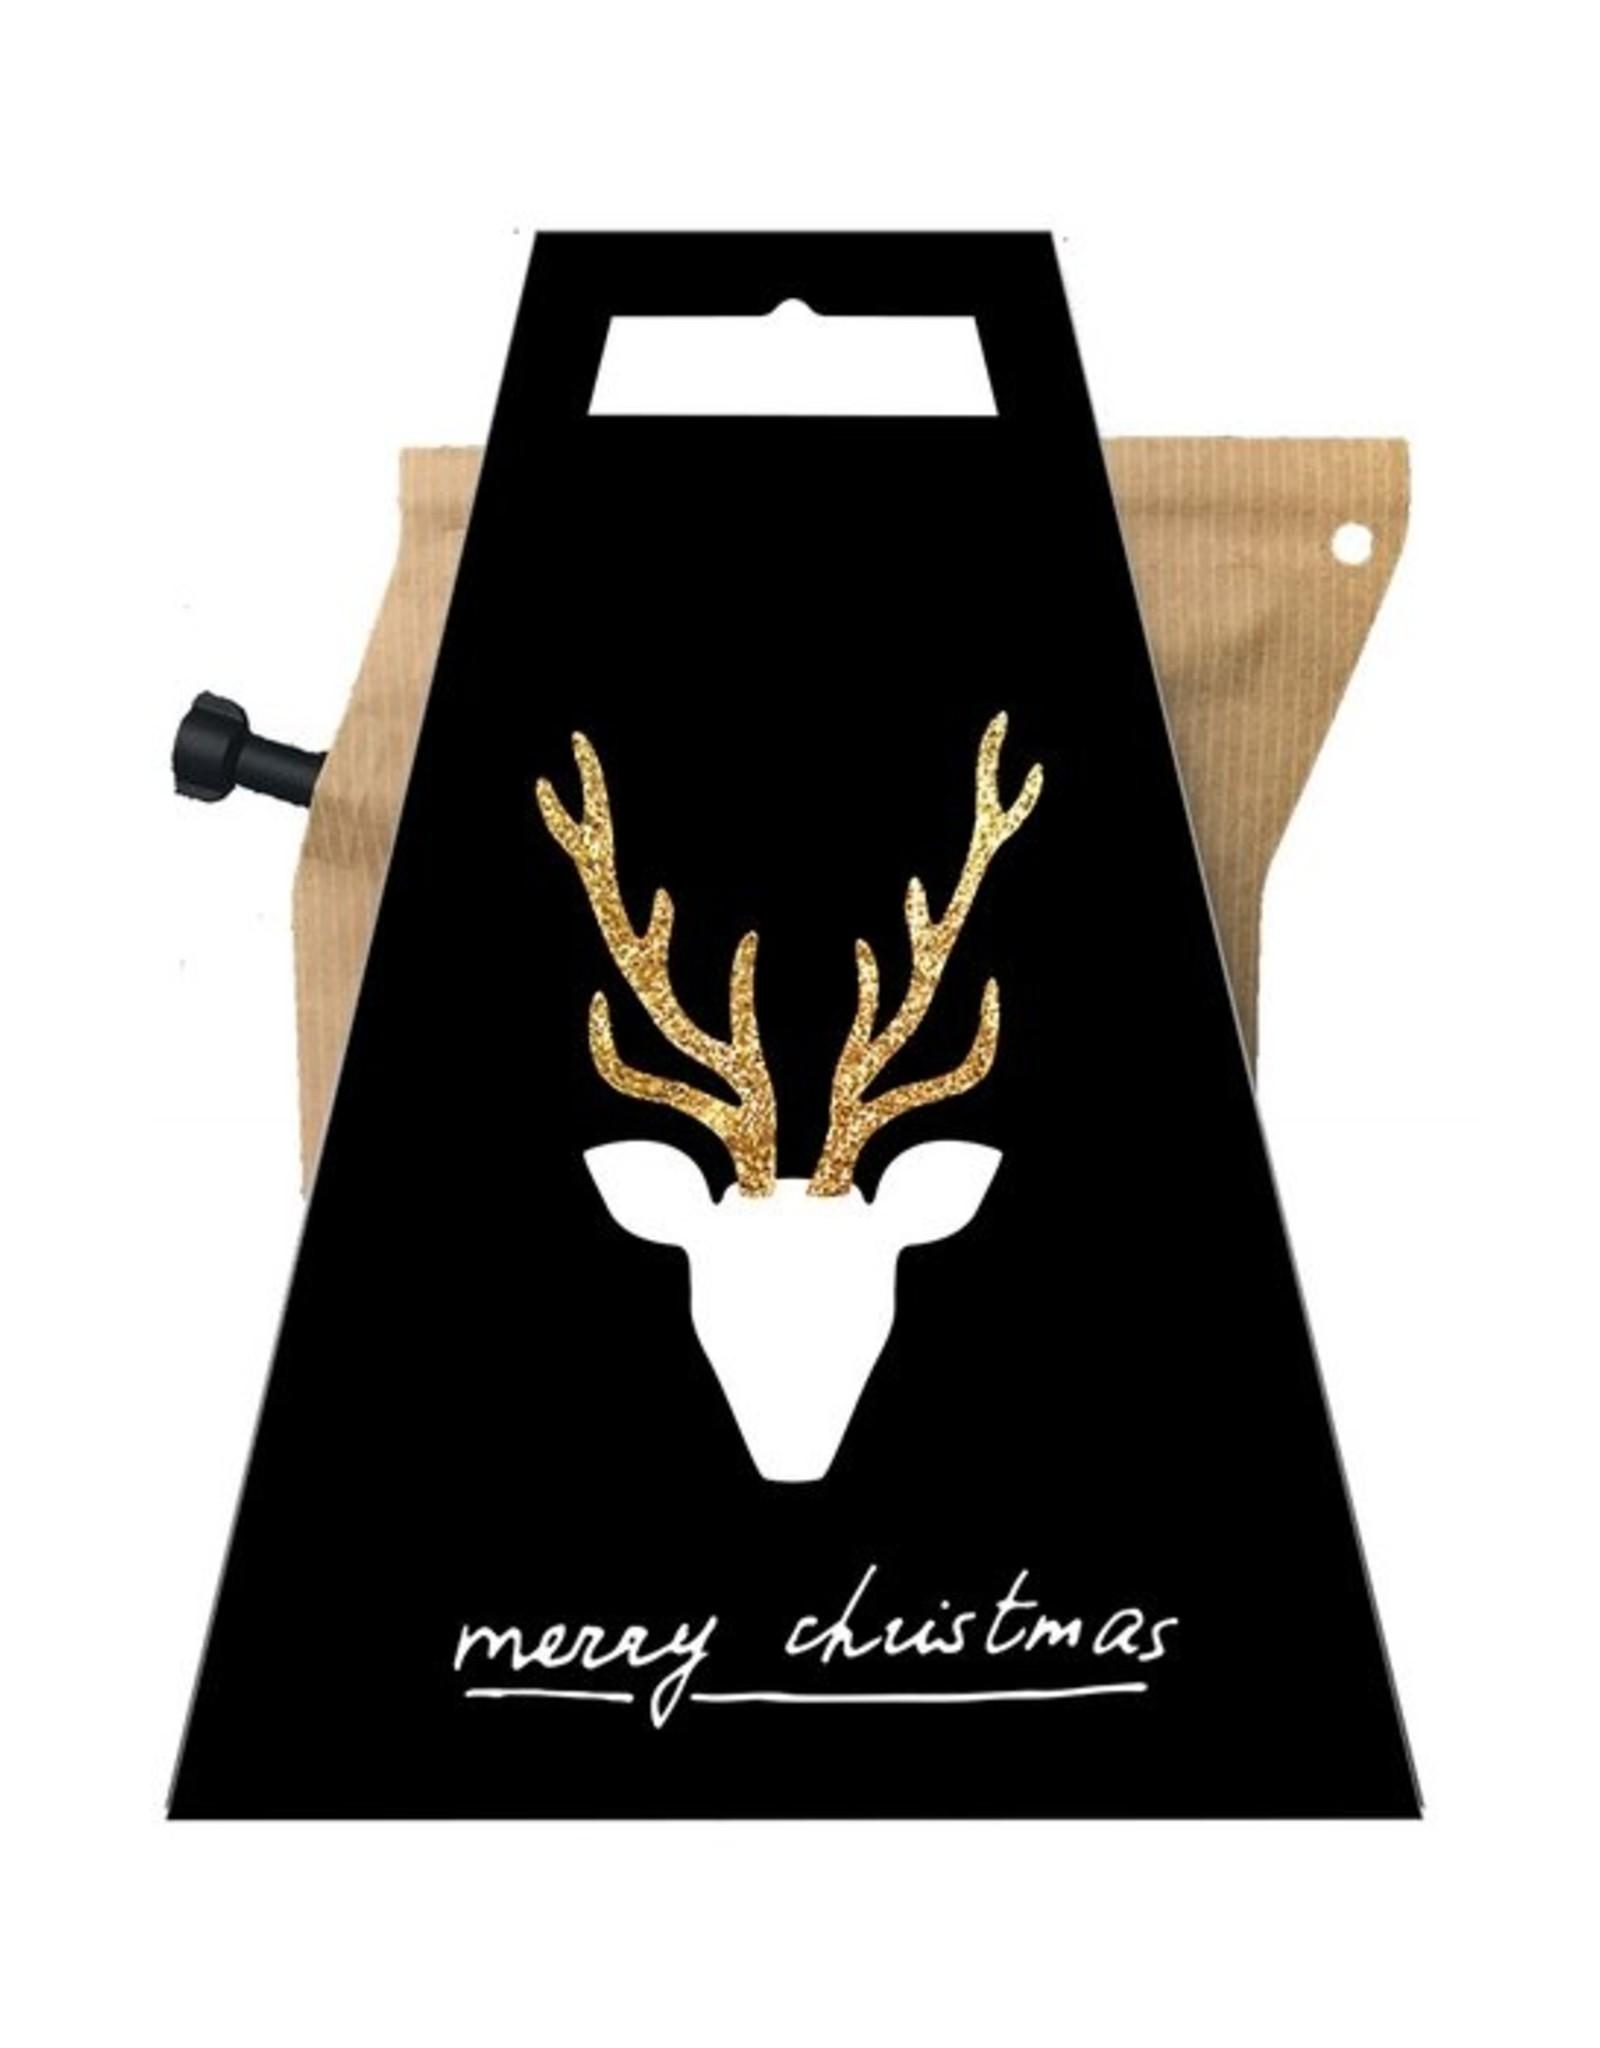 LIV 'N TASTE koffie brewer - Merry Christmas